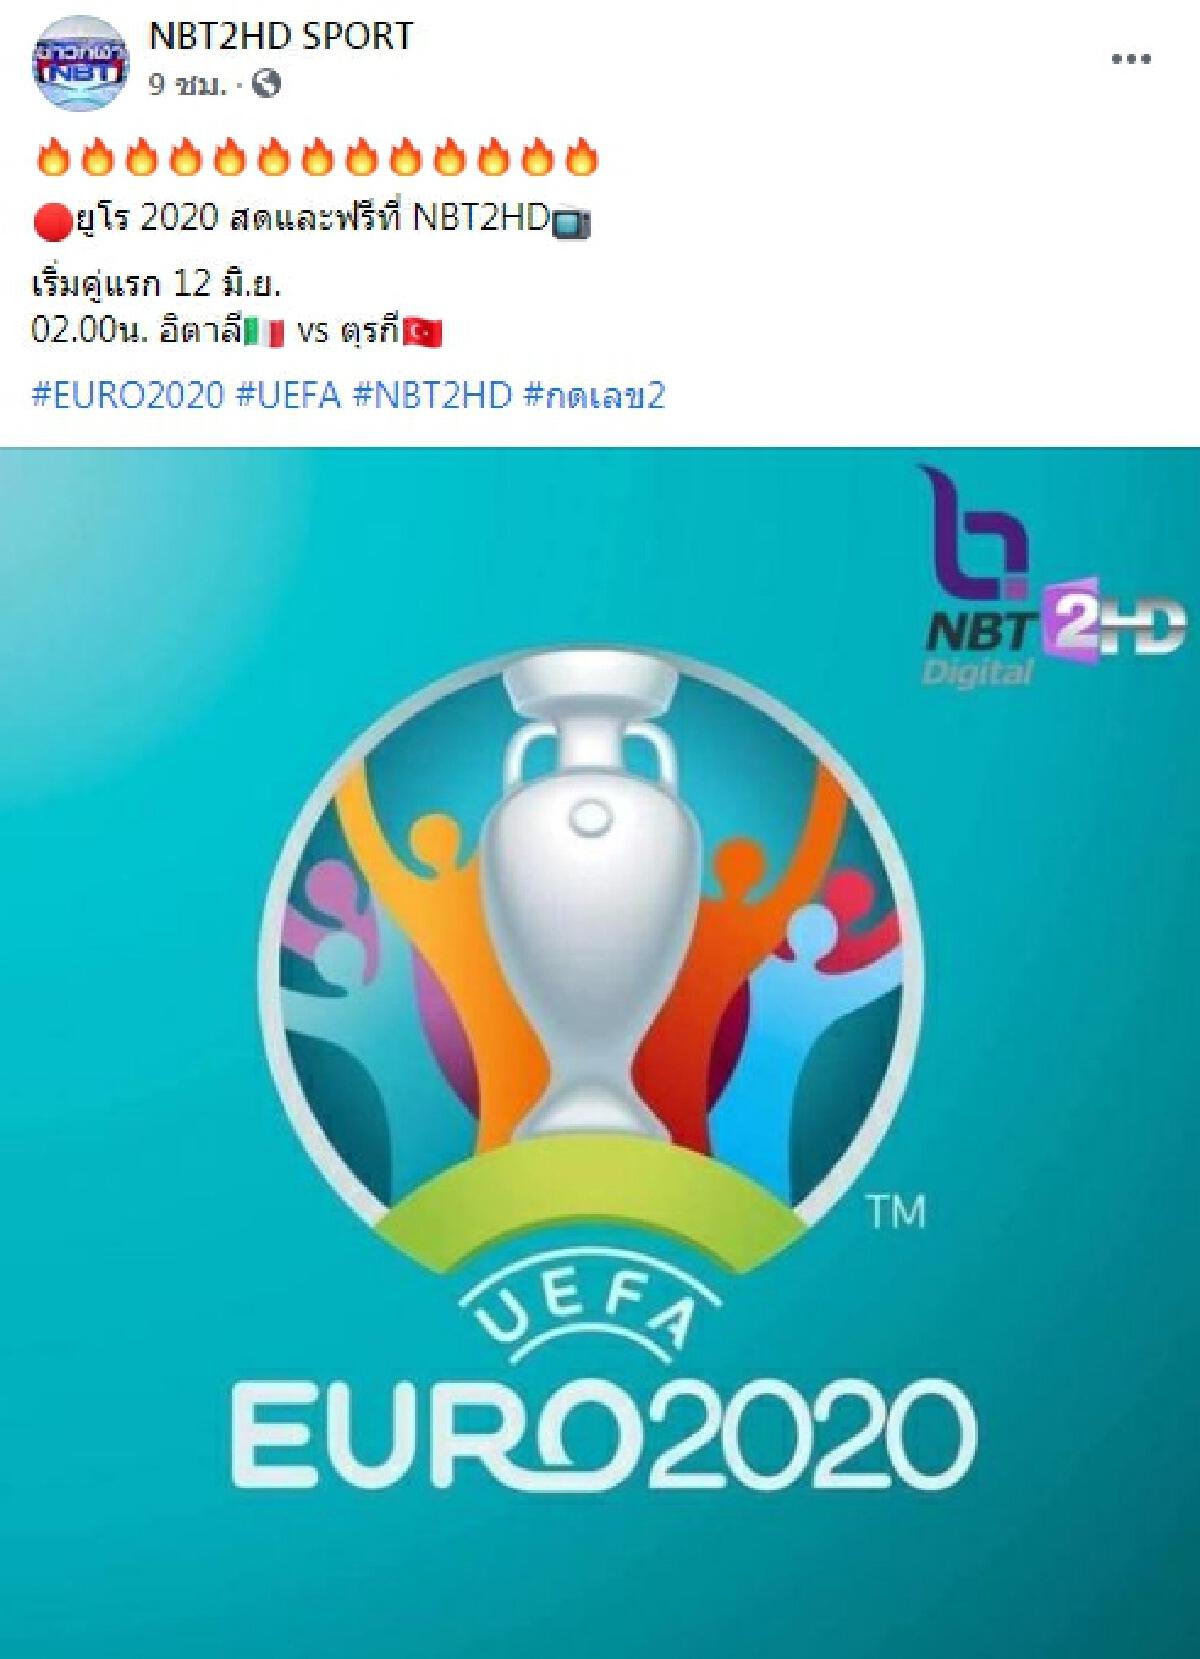 คอบอลไทยเฮ! NBT 2HD ถ่ายสด ยูโร 2020  เริ่มนัดเปิดสนาม อิตาลี-ตุรกี คืนนี้ตี 2